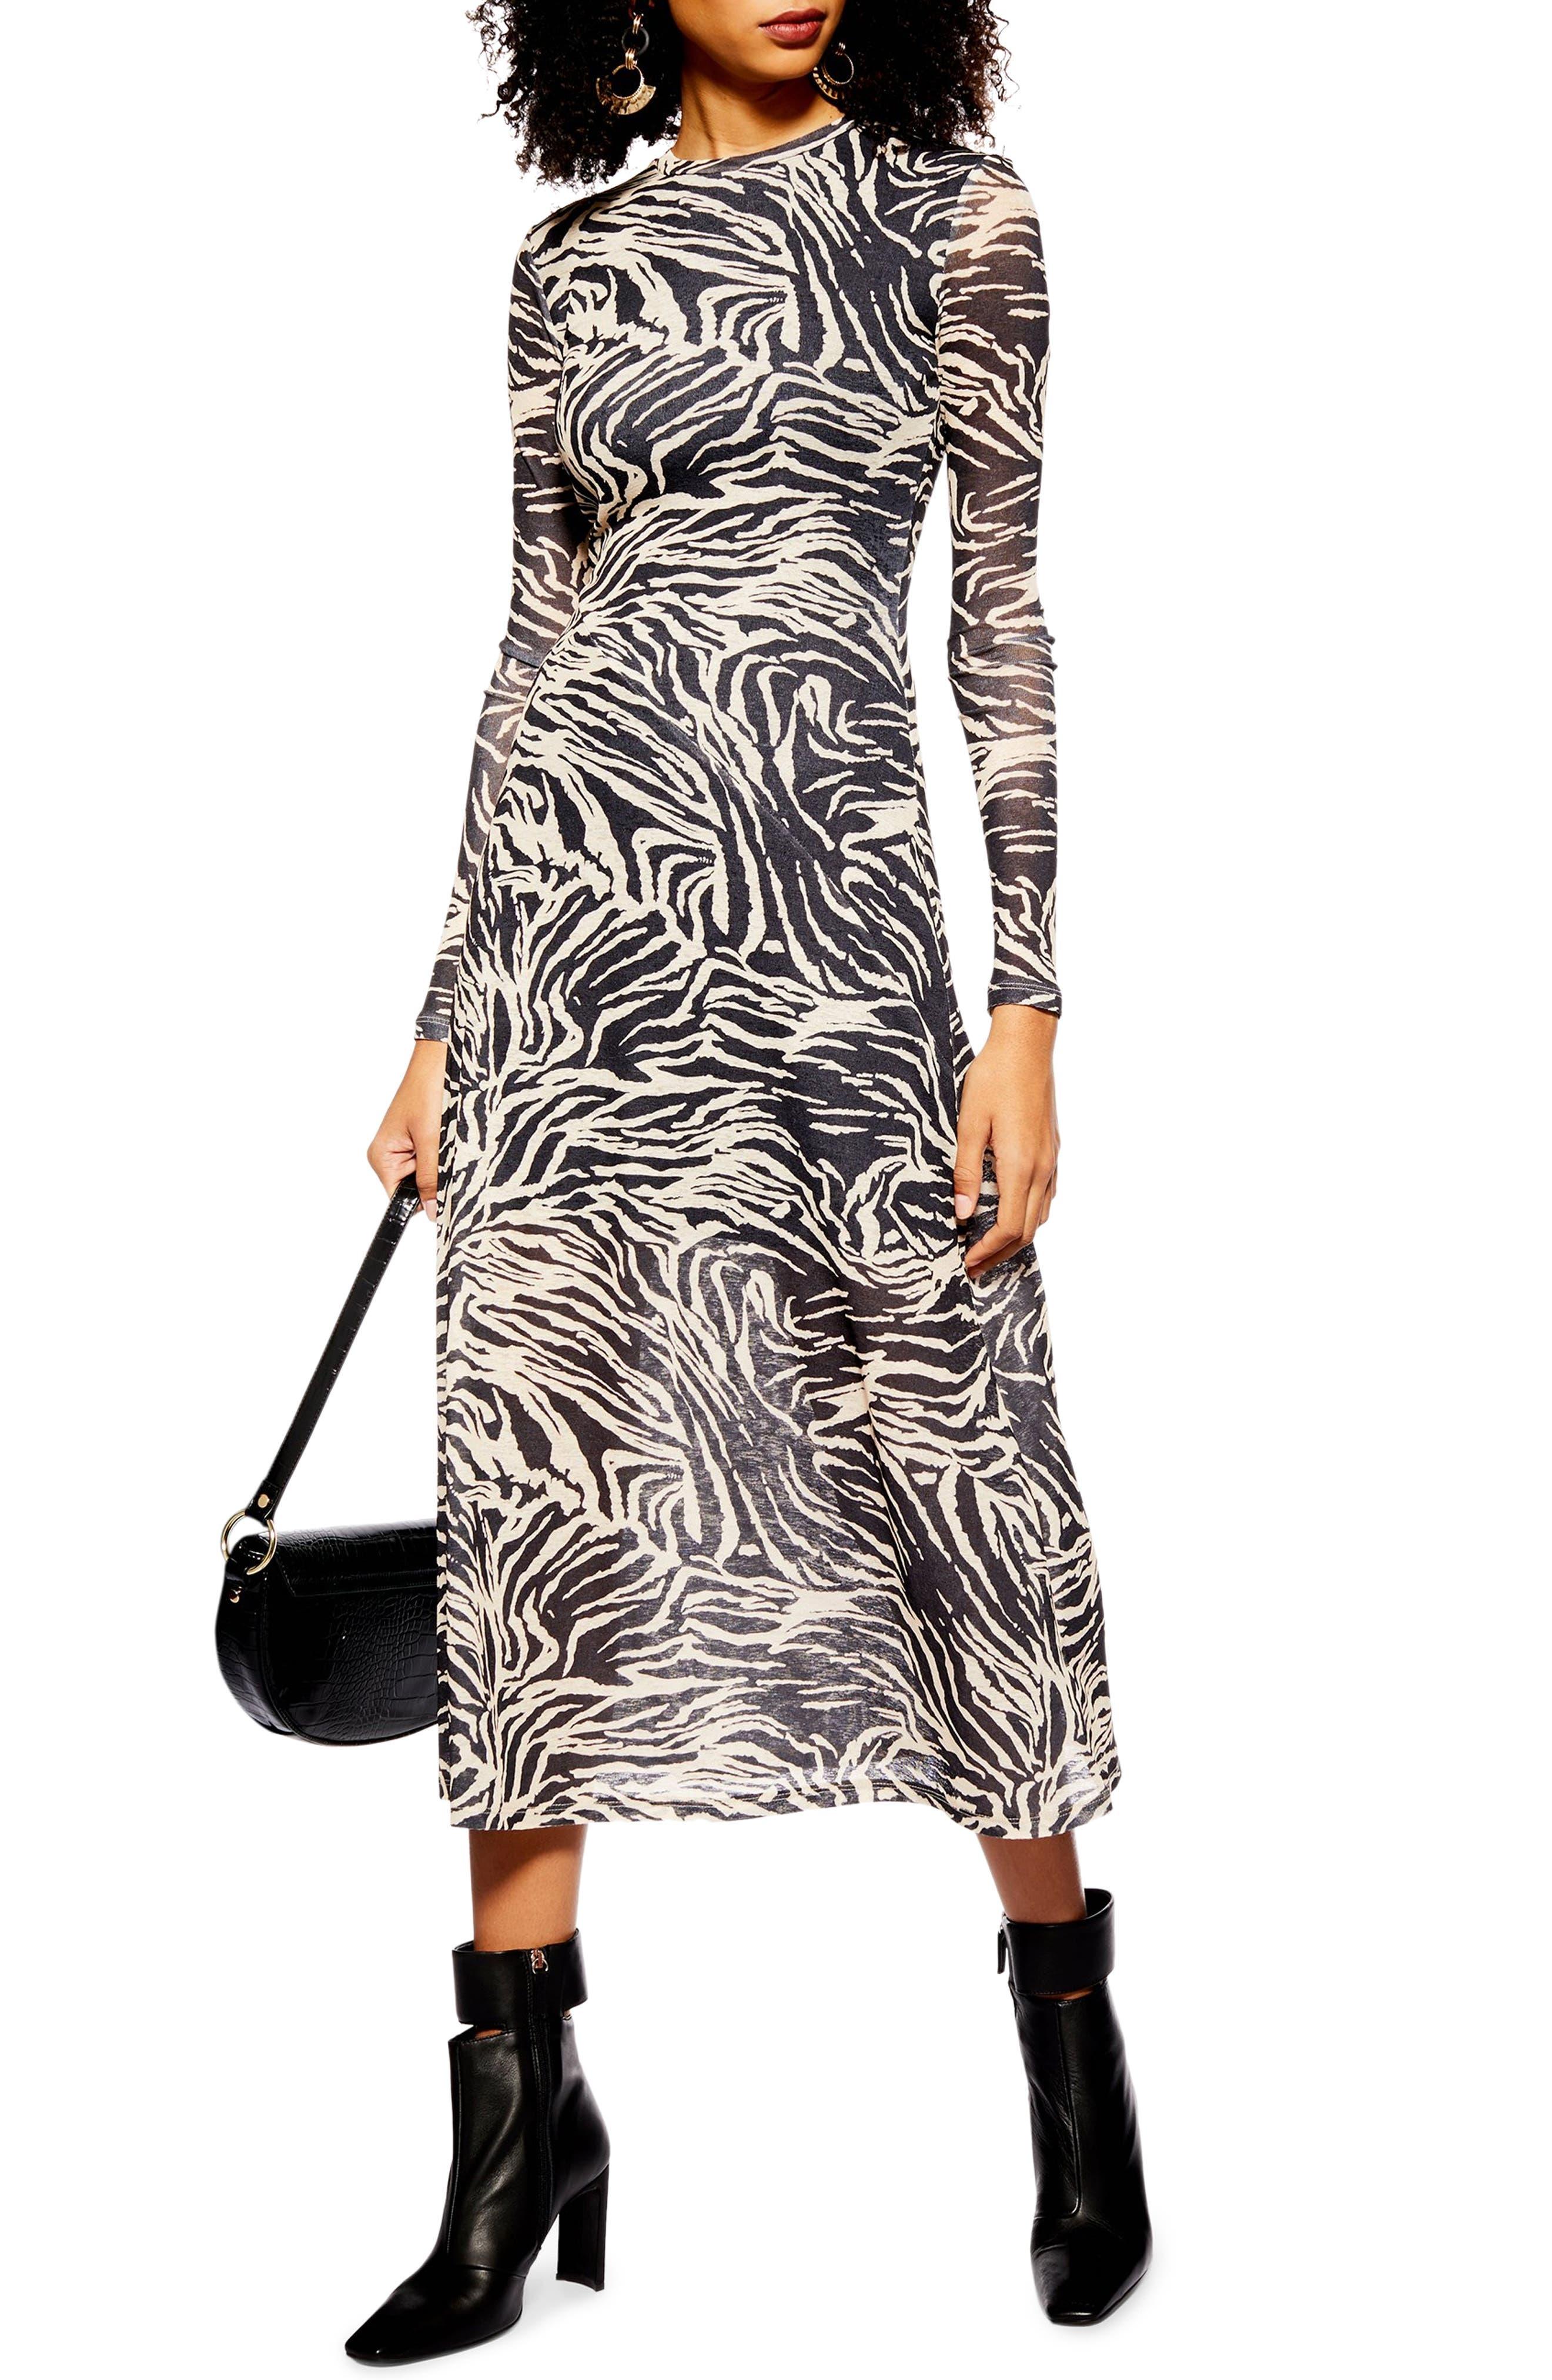 Zebra Print Mesh Dress